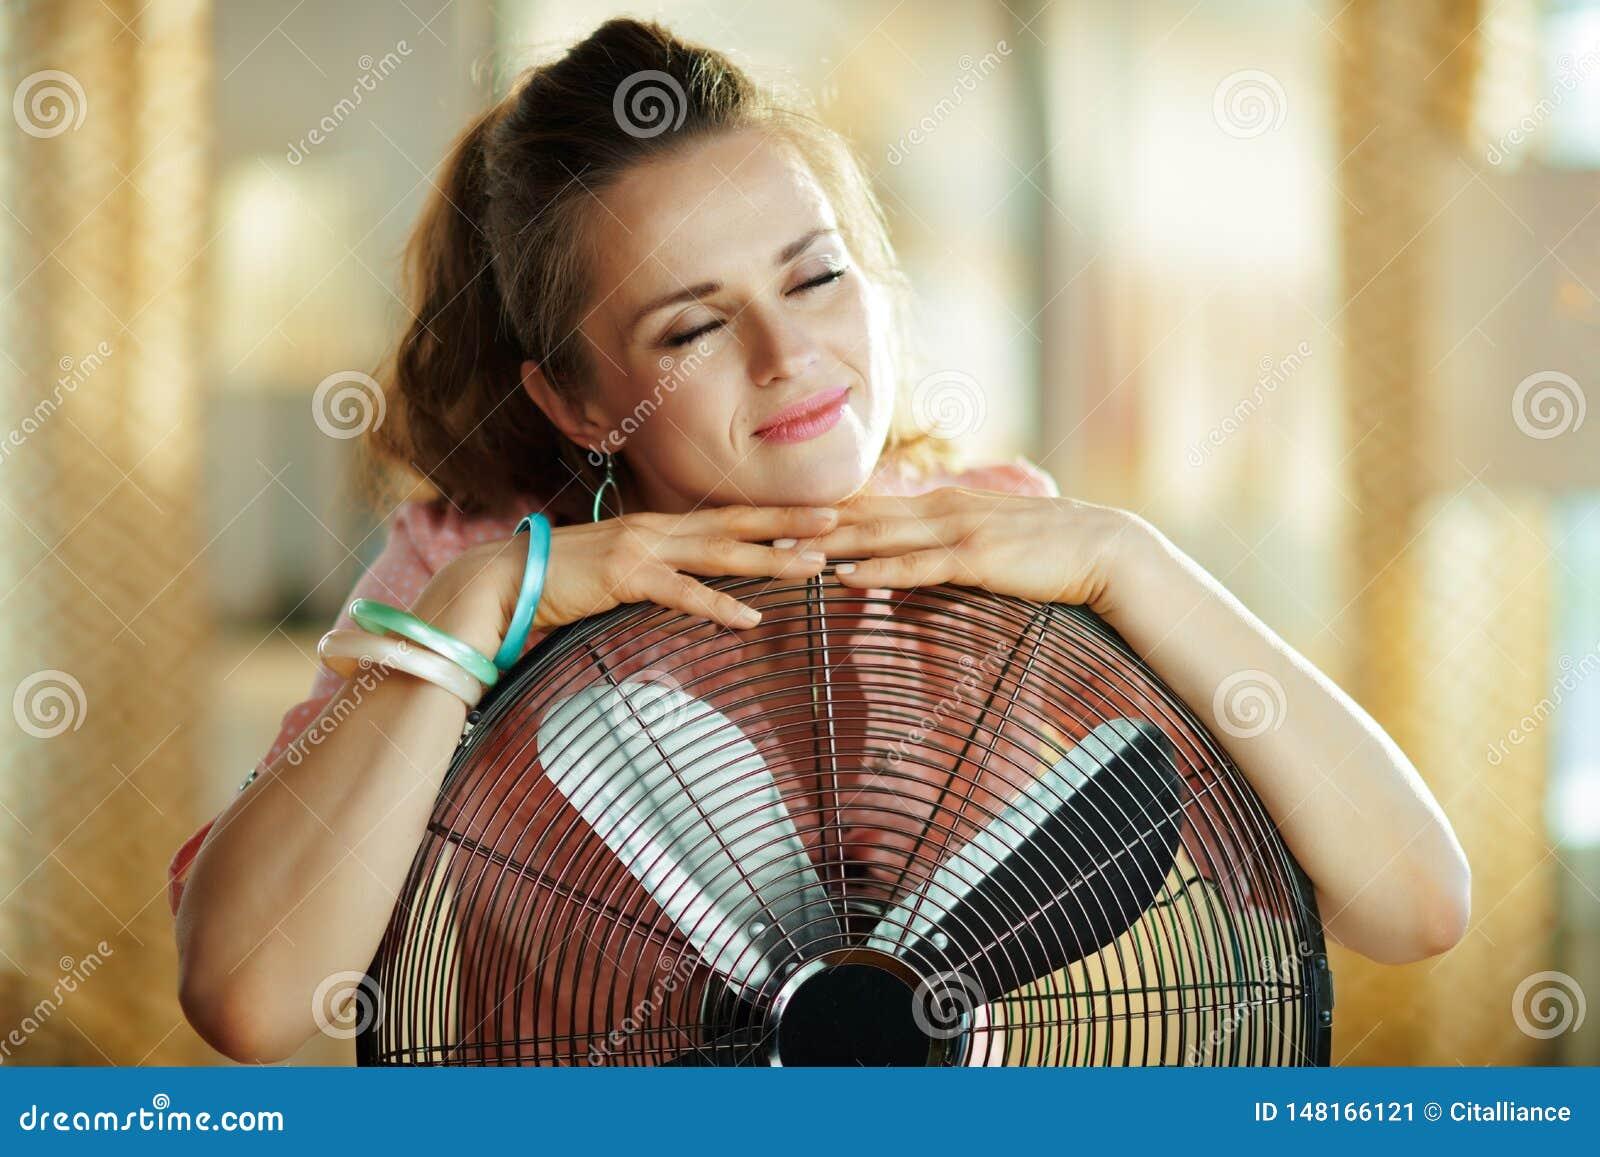 Zrelaksowana elegancka kobieta obejmuje kruszcowego podłogowego pozycji fan